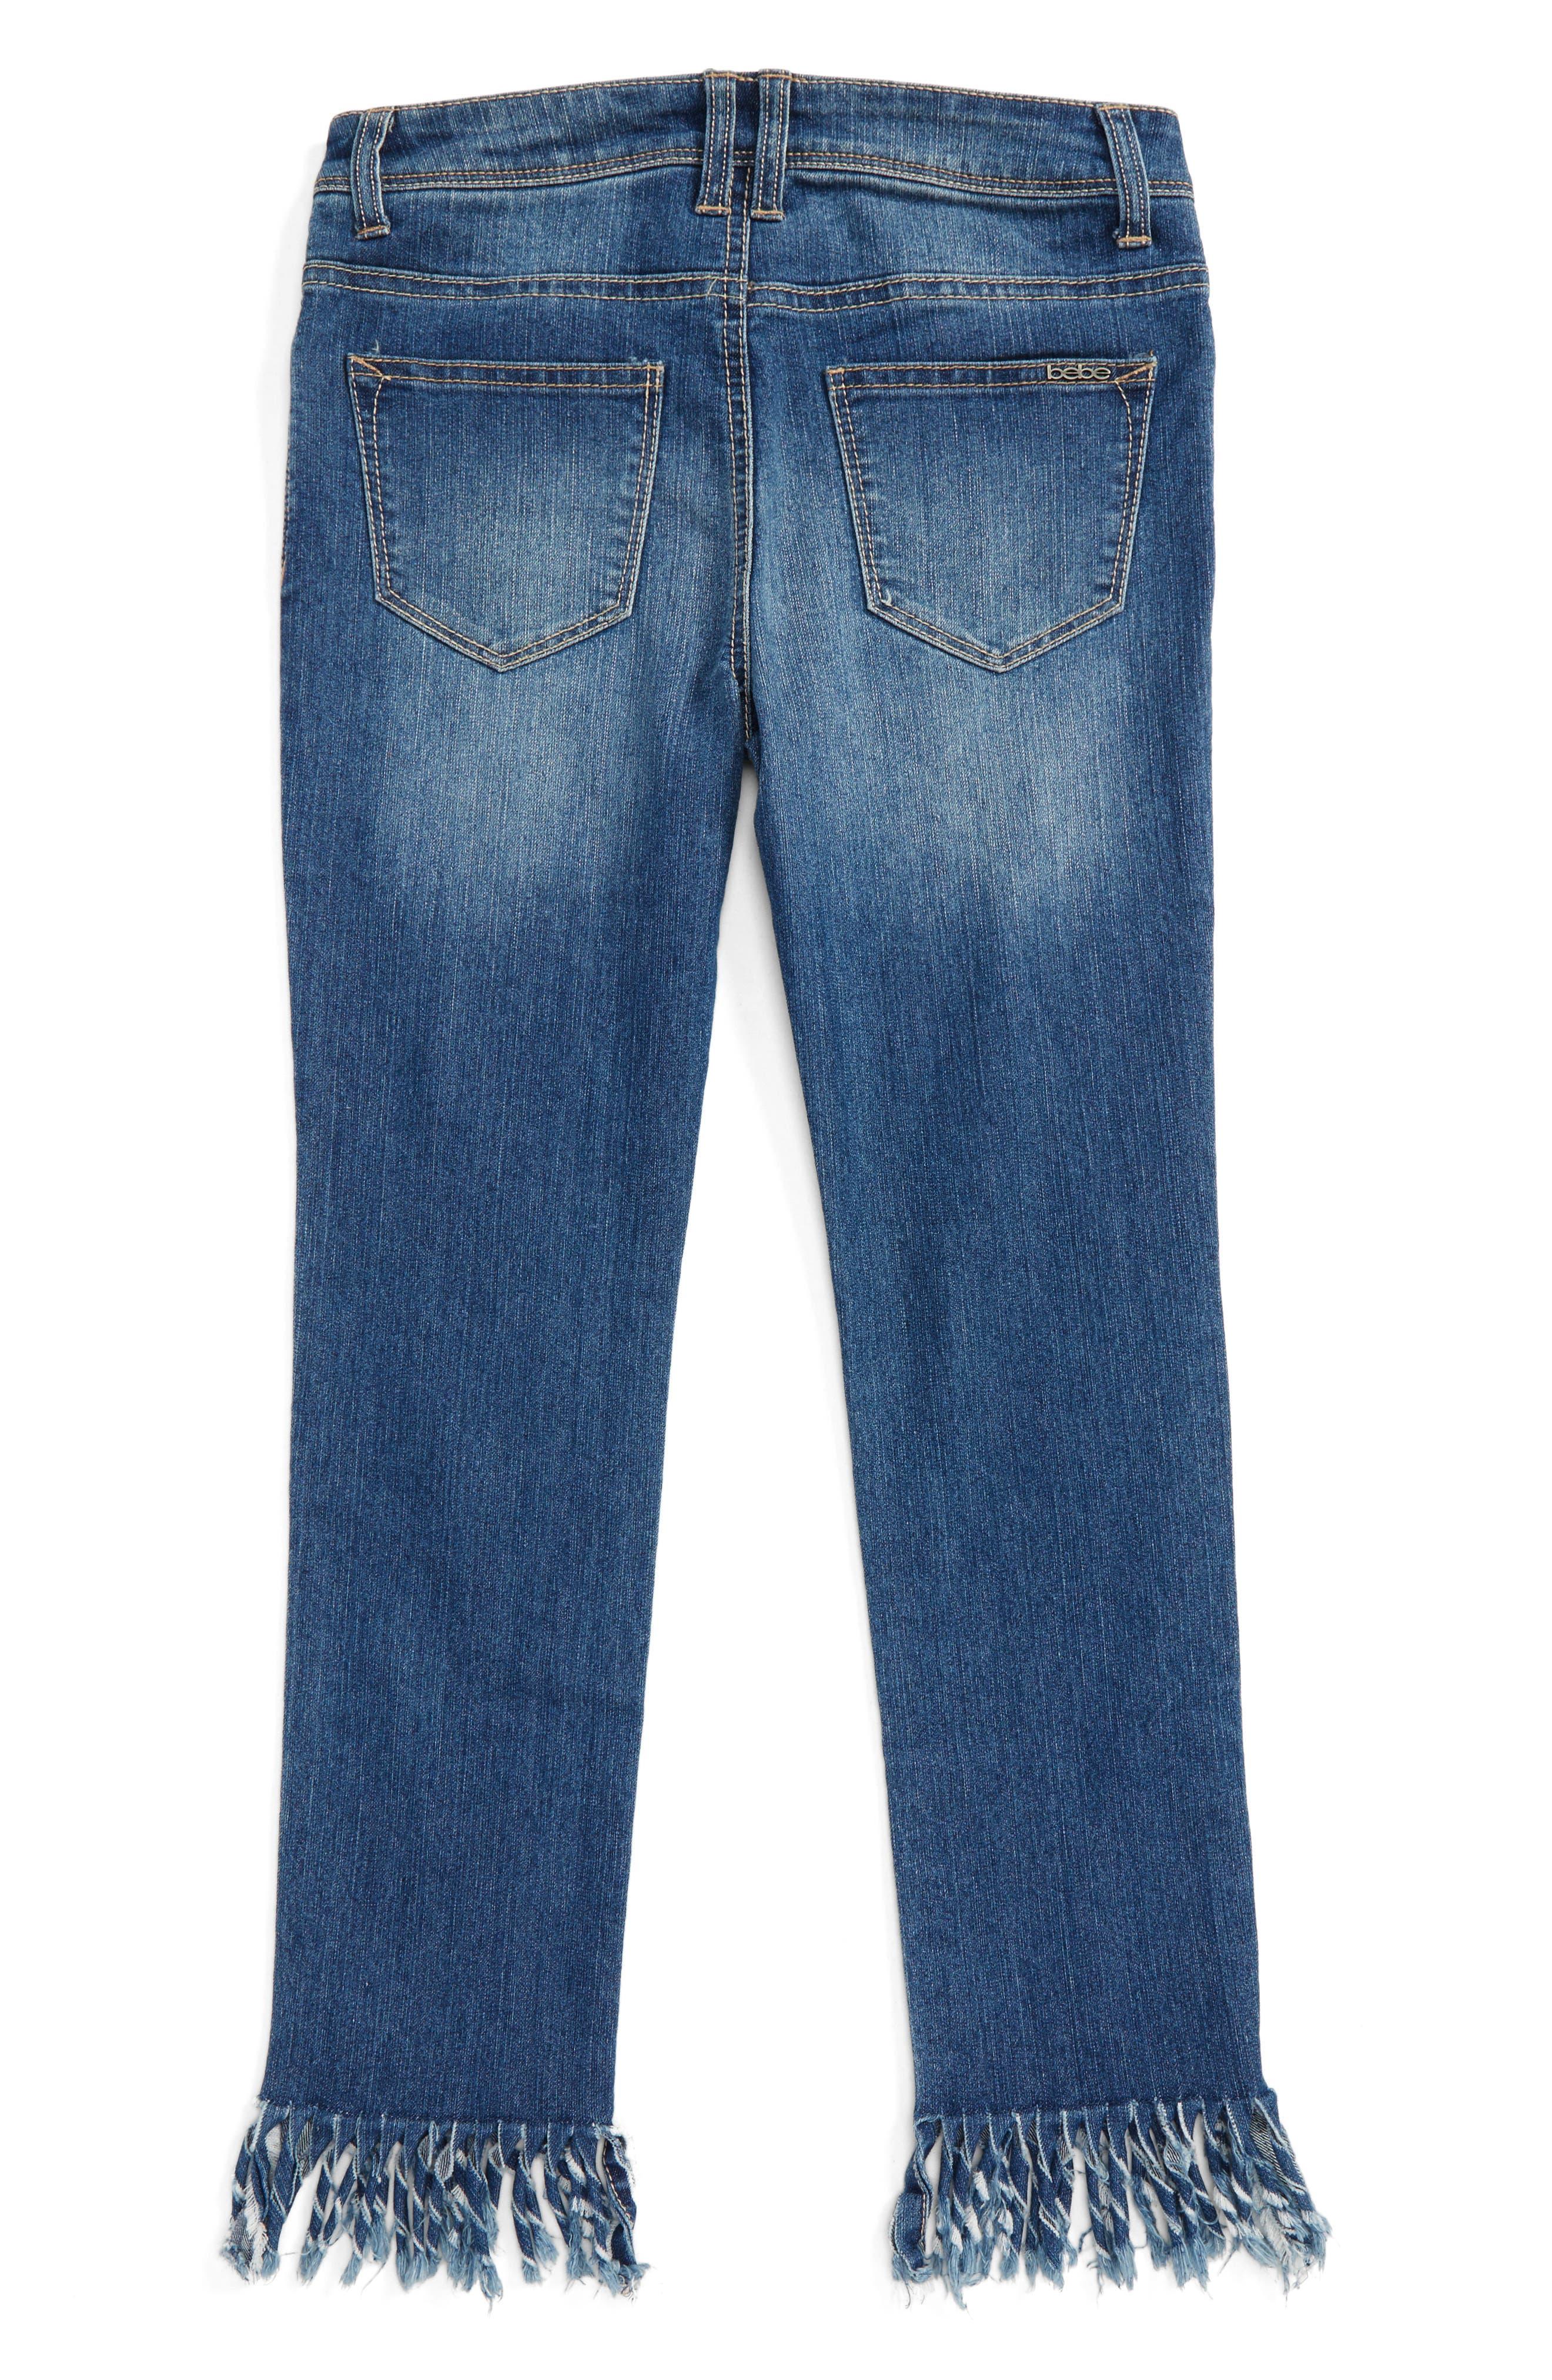 Fringe Jeans,                             Alternate thumbnail 2, color,                             Med Stone